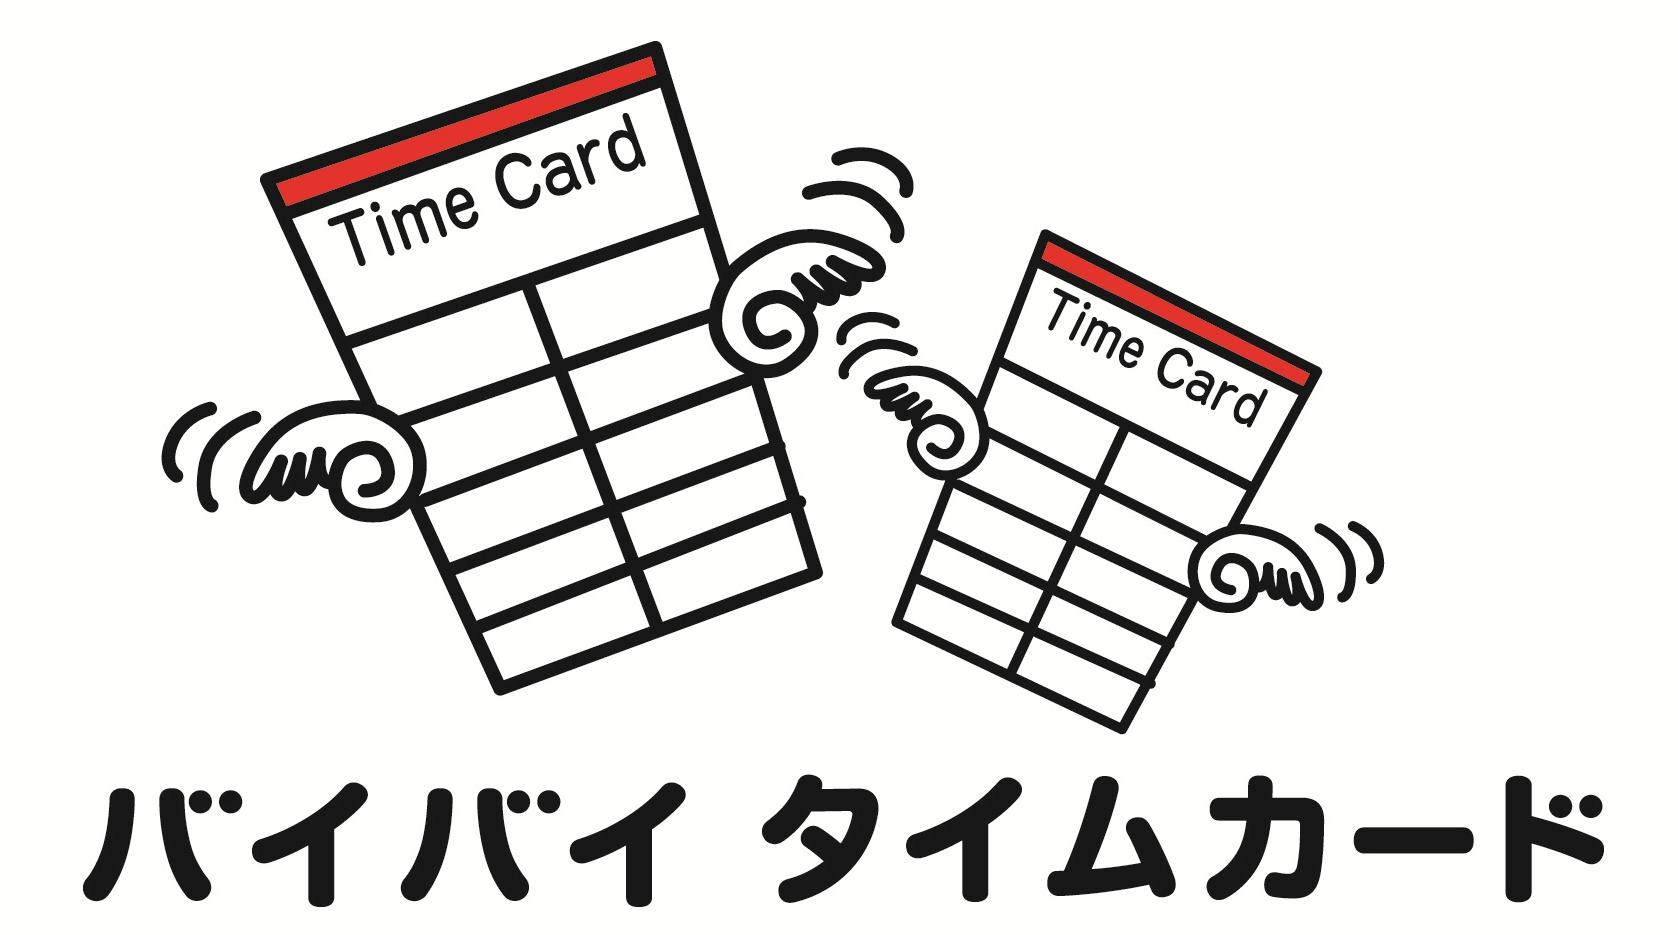 クラウド勤怠管理システムで簡単に申請業務のペーパーレス化を実現 「バイバイ タイムカード for iPad」での申請機能提供開始